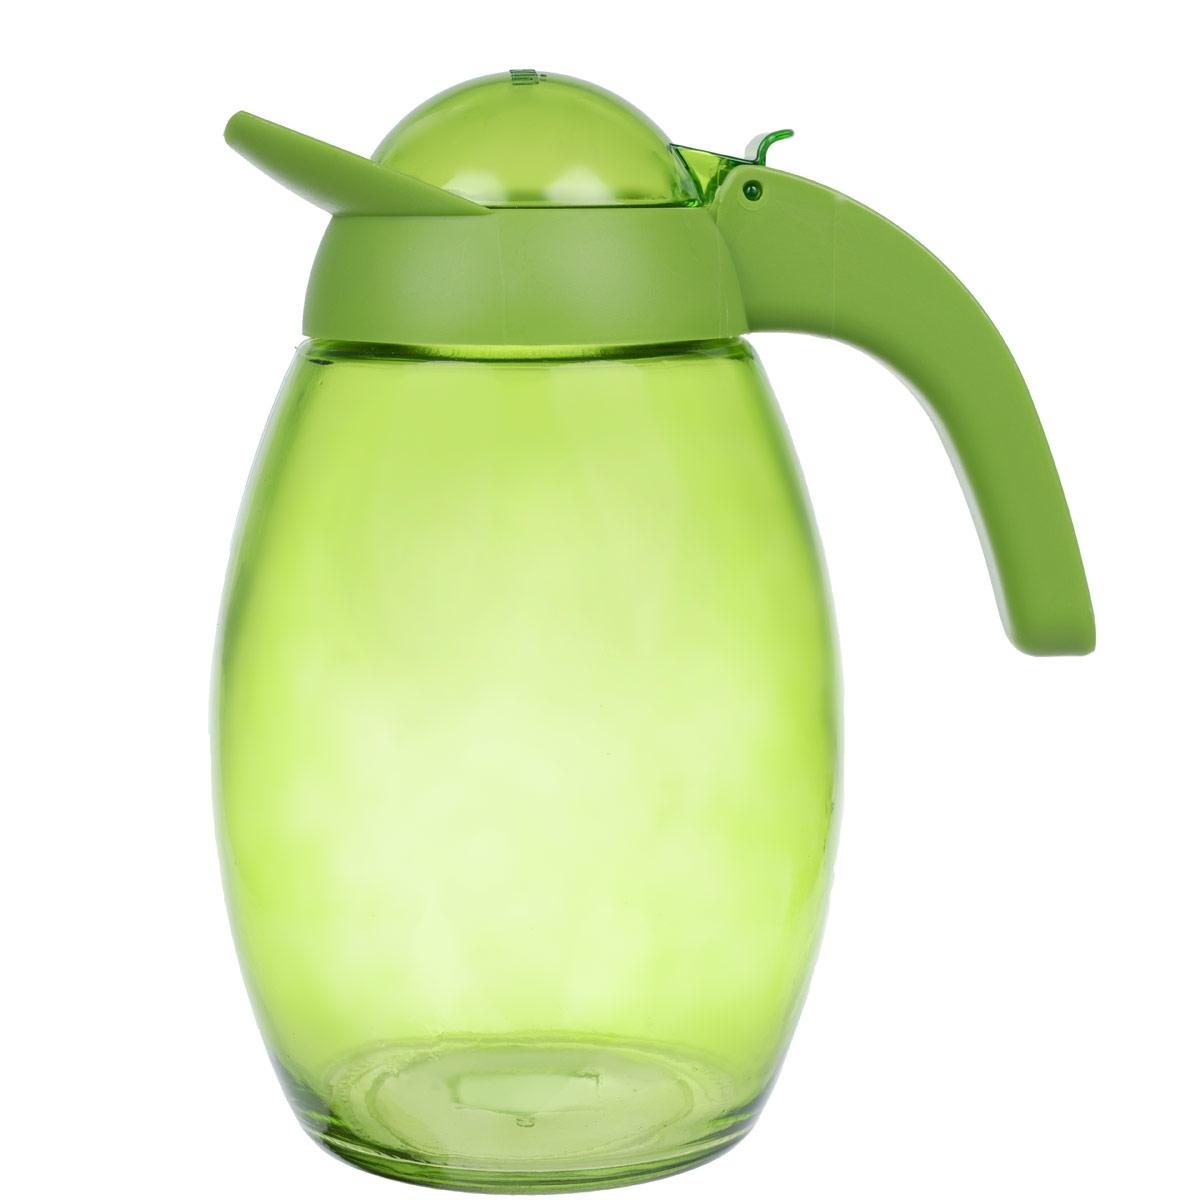 Кувшин Herevin с крышкой, цвет: зеленый, 1,6 л. 111311111311-000Кувшин Herevin, выполненный из высококачественного прочного стекла, элегантно украсит ваш стол. Кувшин оснащен удобной ручкой и завинчивающейся пластиковой крышкой. Благодаря этому внутри сохраняется герметичность, и напитки дольше остаются свежими. Кувшин прост в использовании, достаточно просто наклонить его и налить ваш любимый напиток. Цветная крышка оснащена откидным механизмом для более удобного заливания жидкостей. Изделие прекрасно подойдет для подачи воды, сока, компота и других напитков. Кувшин Herevin дополнит интерьер вашей кухни и станет замечательным подарком к любому празднику. Диаметр (по верхнему краю): 6 см. Высота кувшина (без учета крышки): 18,5 см.